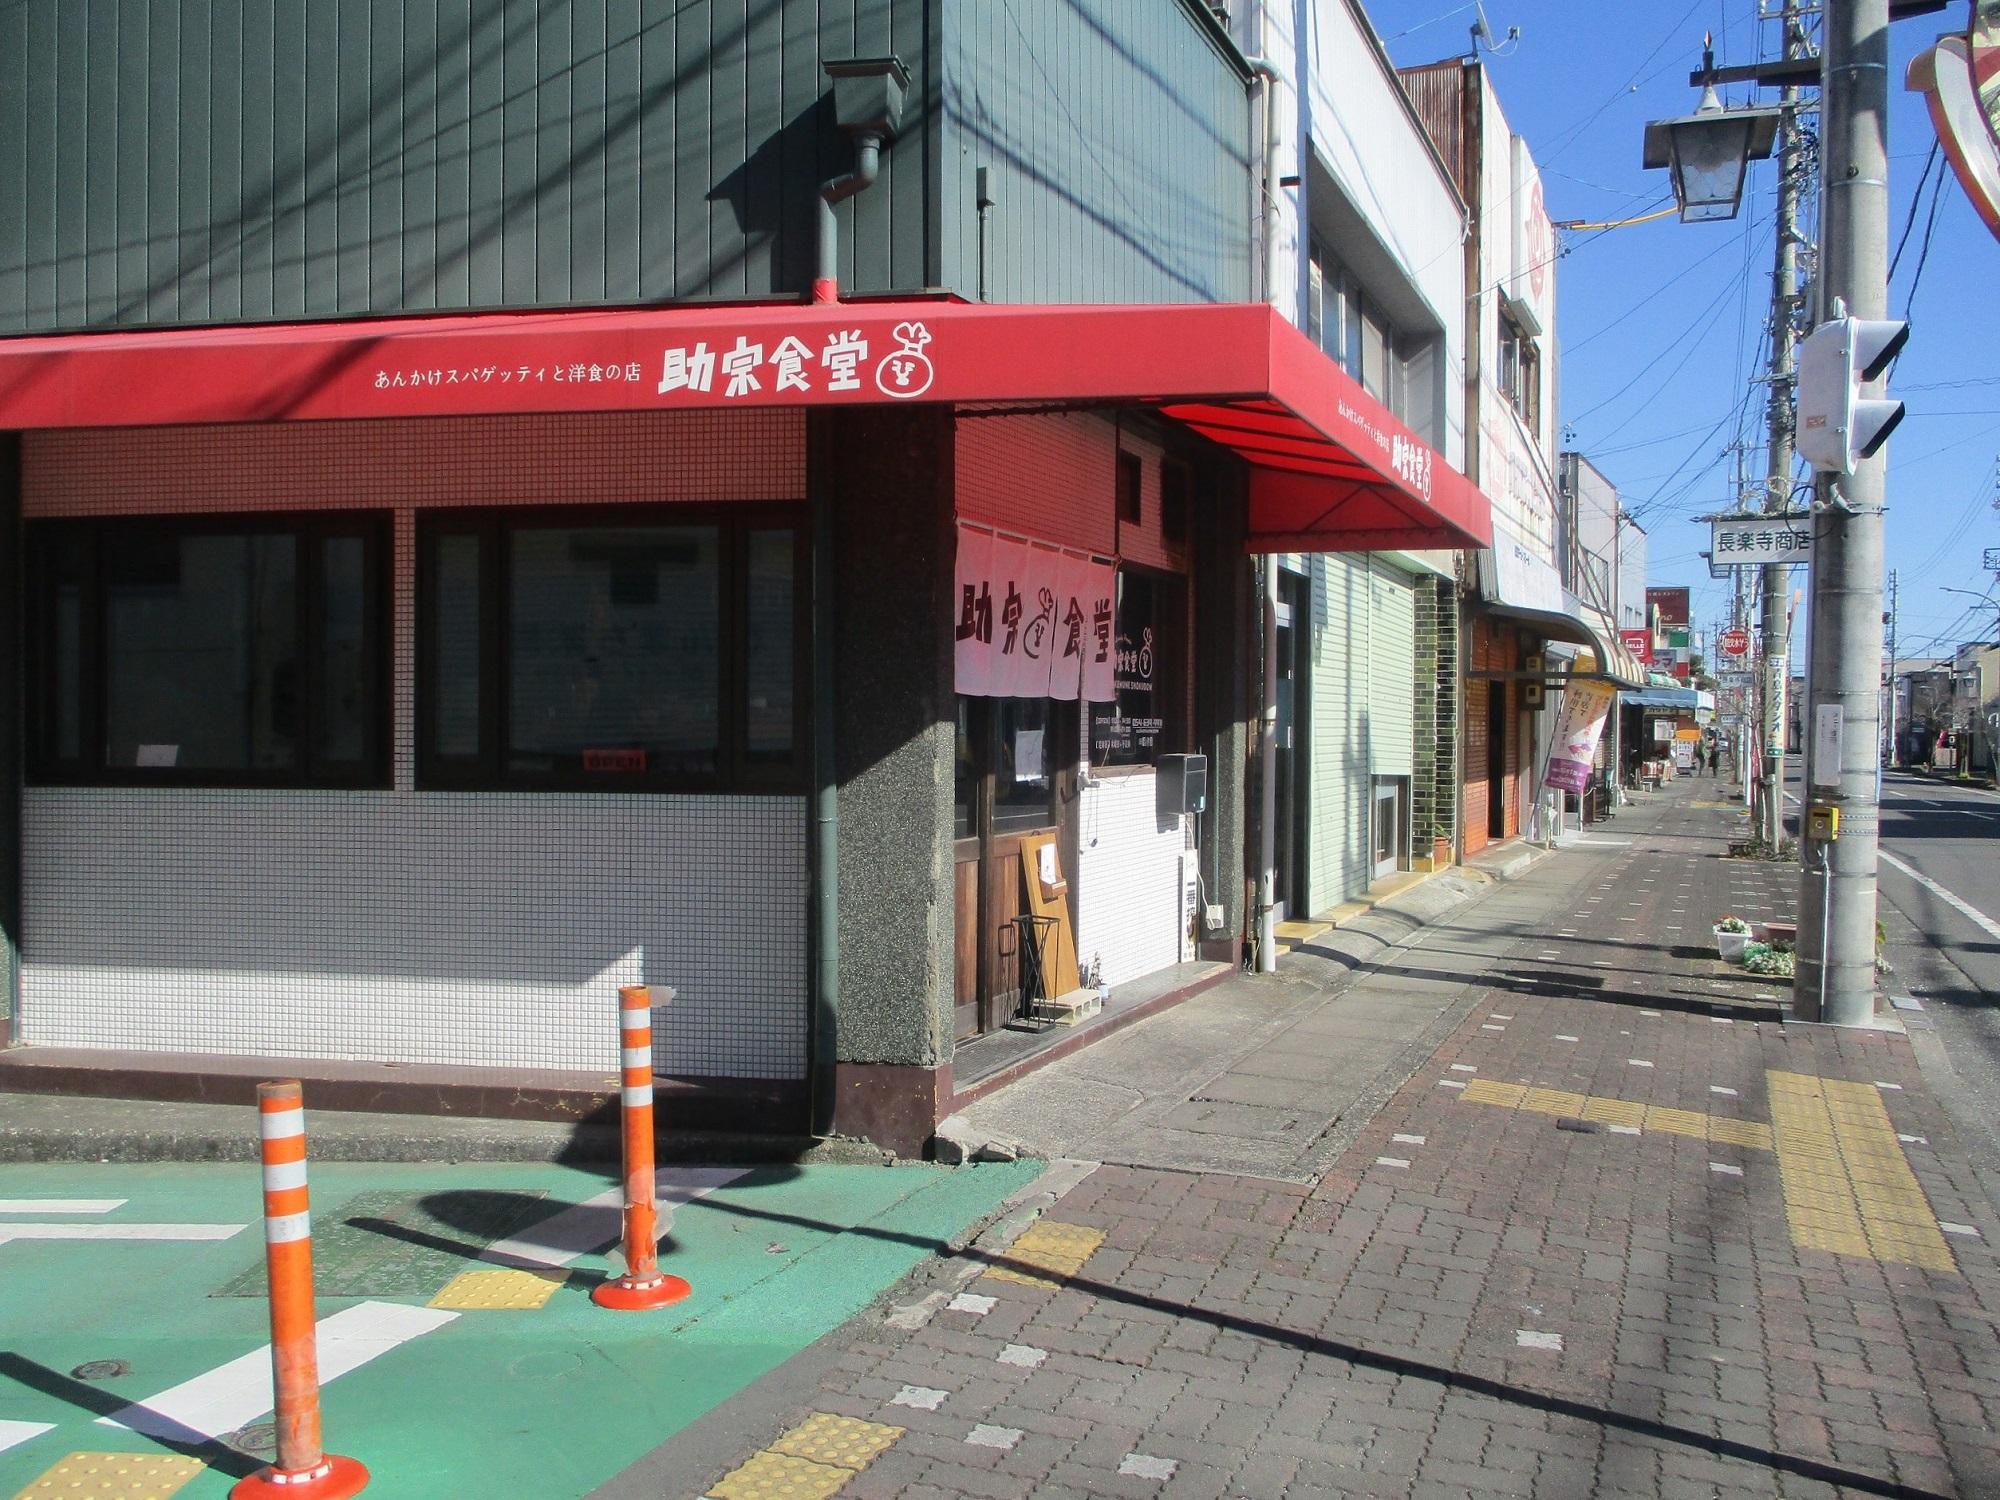 2020.1.21 (79) 藤枝宿 - 助宗食堂 2000-1500